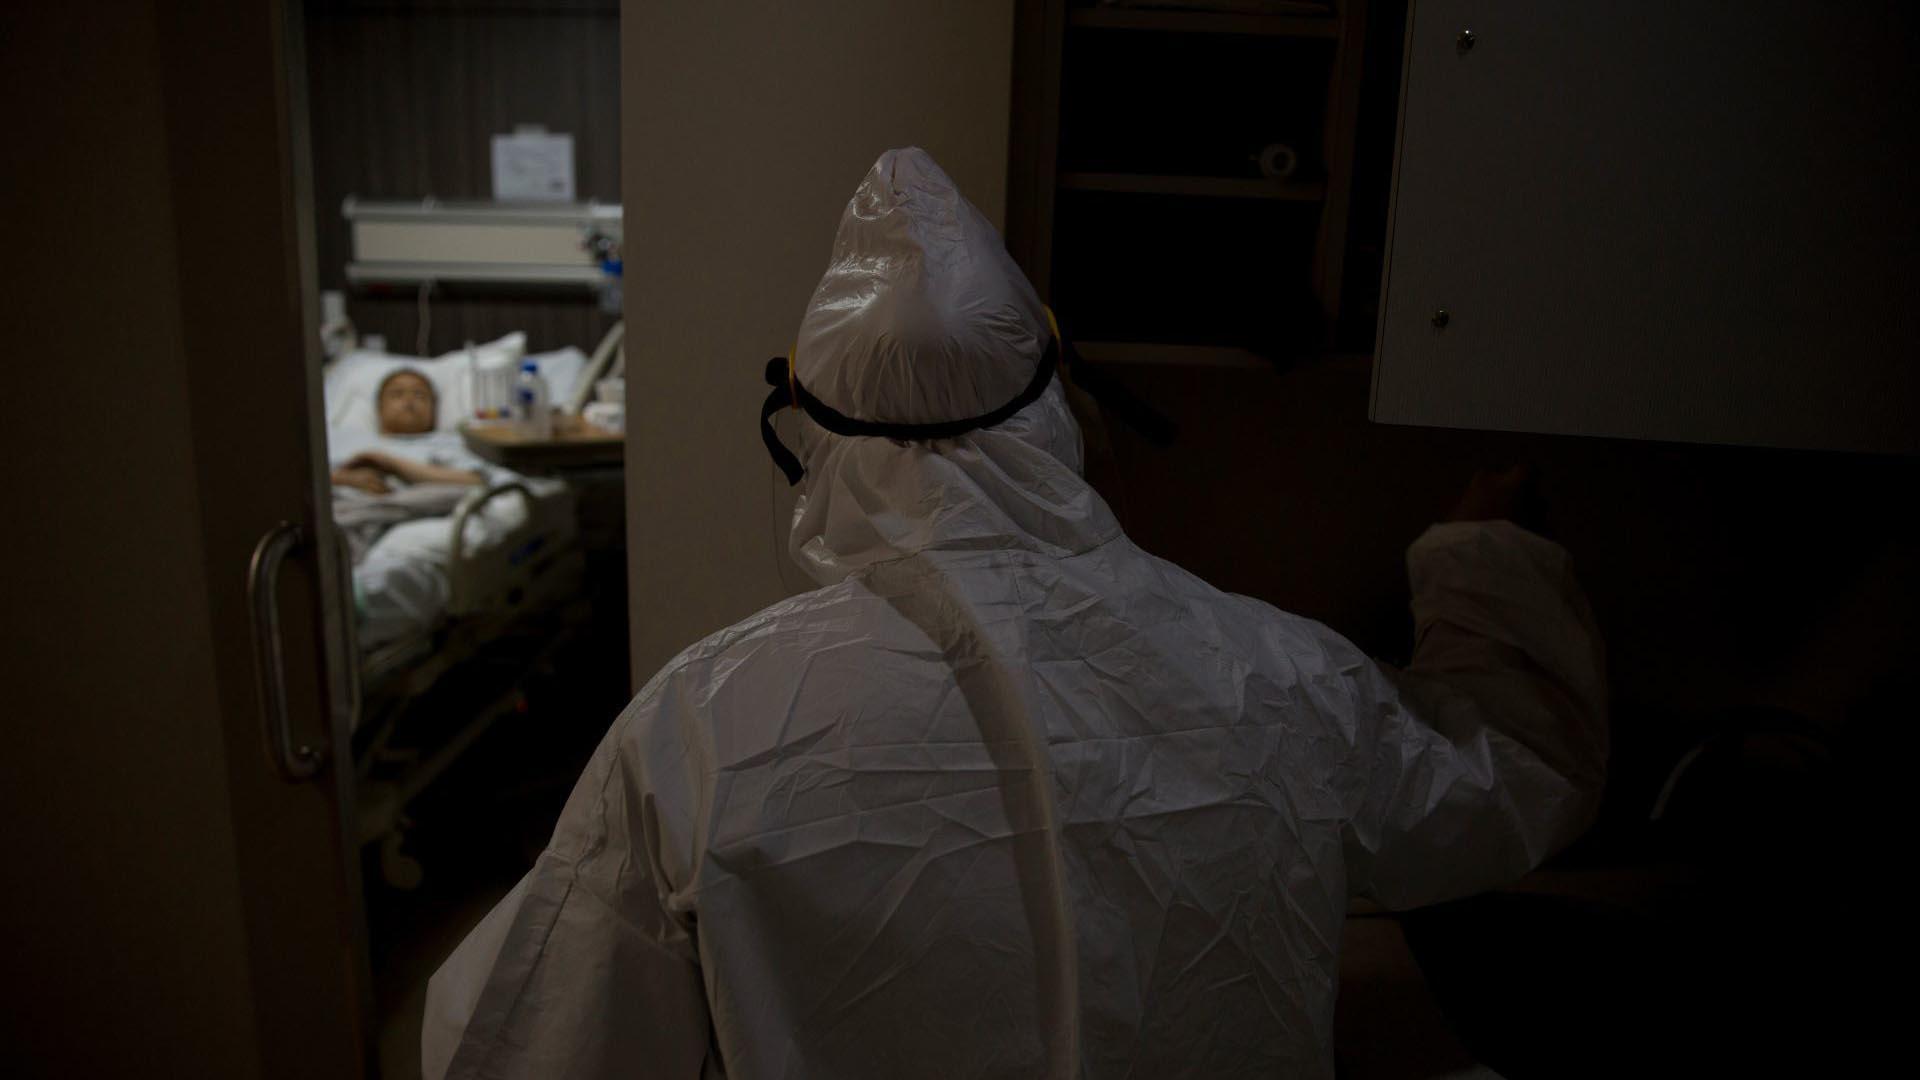 Una enfermera asignada a la unidad Unidad de Cuidados Intensivos (UCI) se acerca a una mujer que presenta un cuadro de COVID-19 (Foto: Cuartoscuro/Omar Martínez)